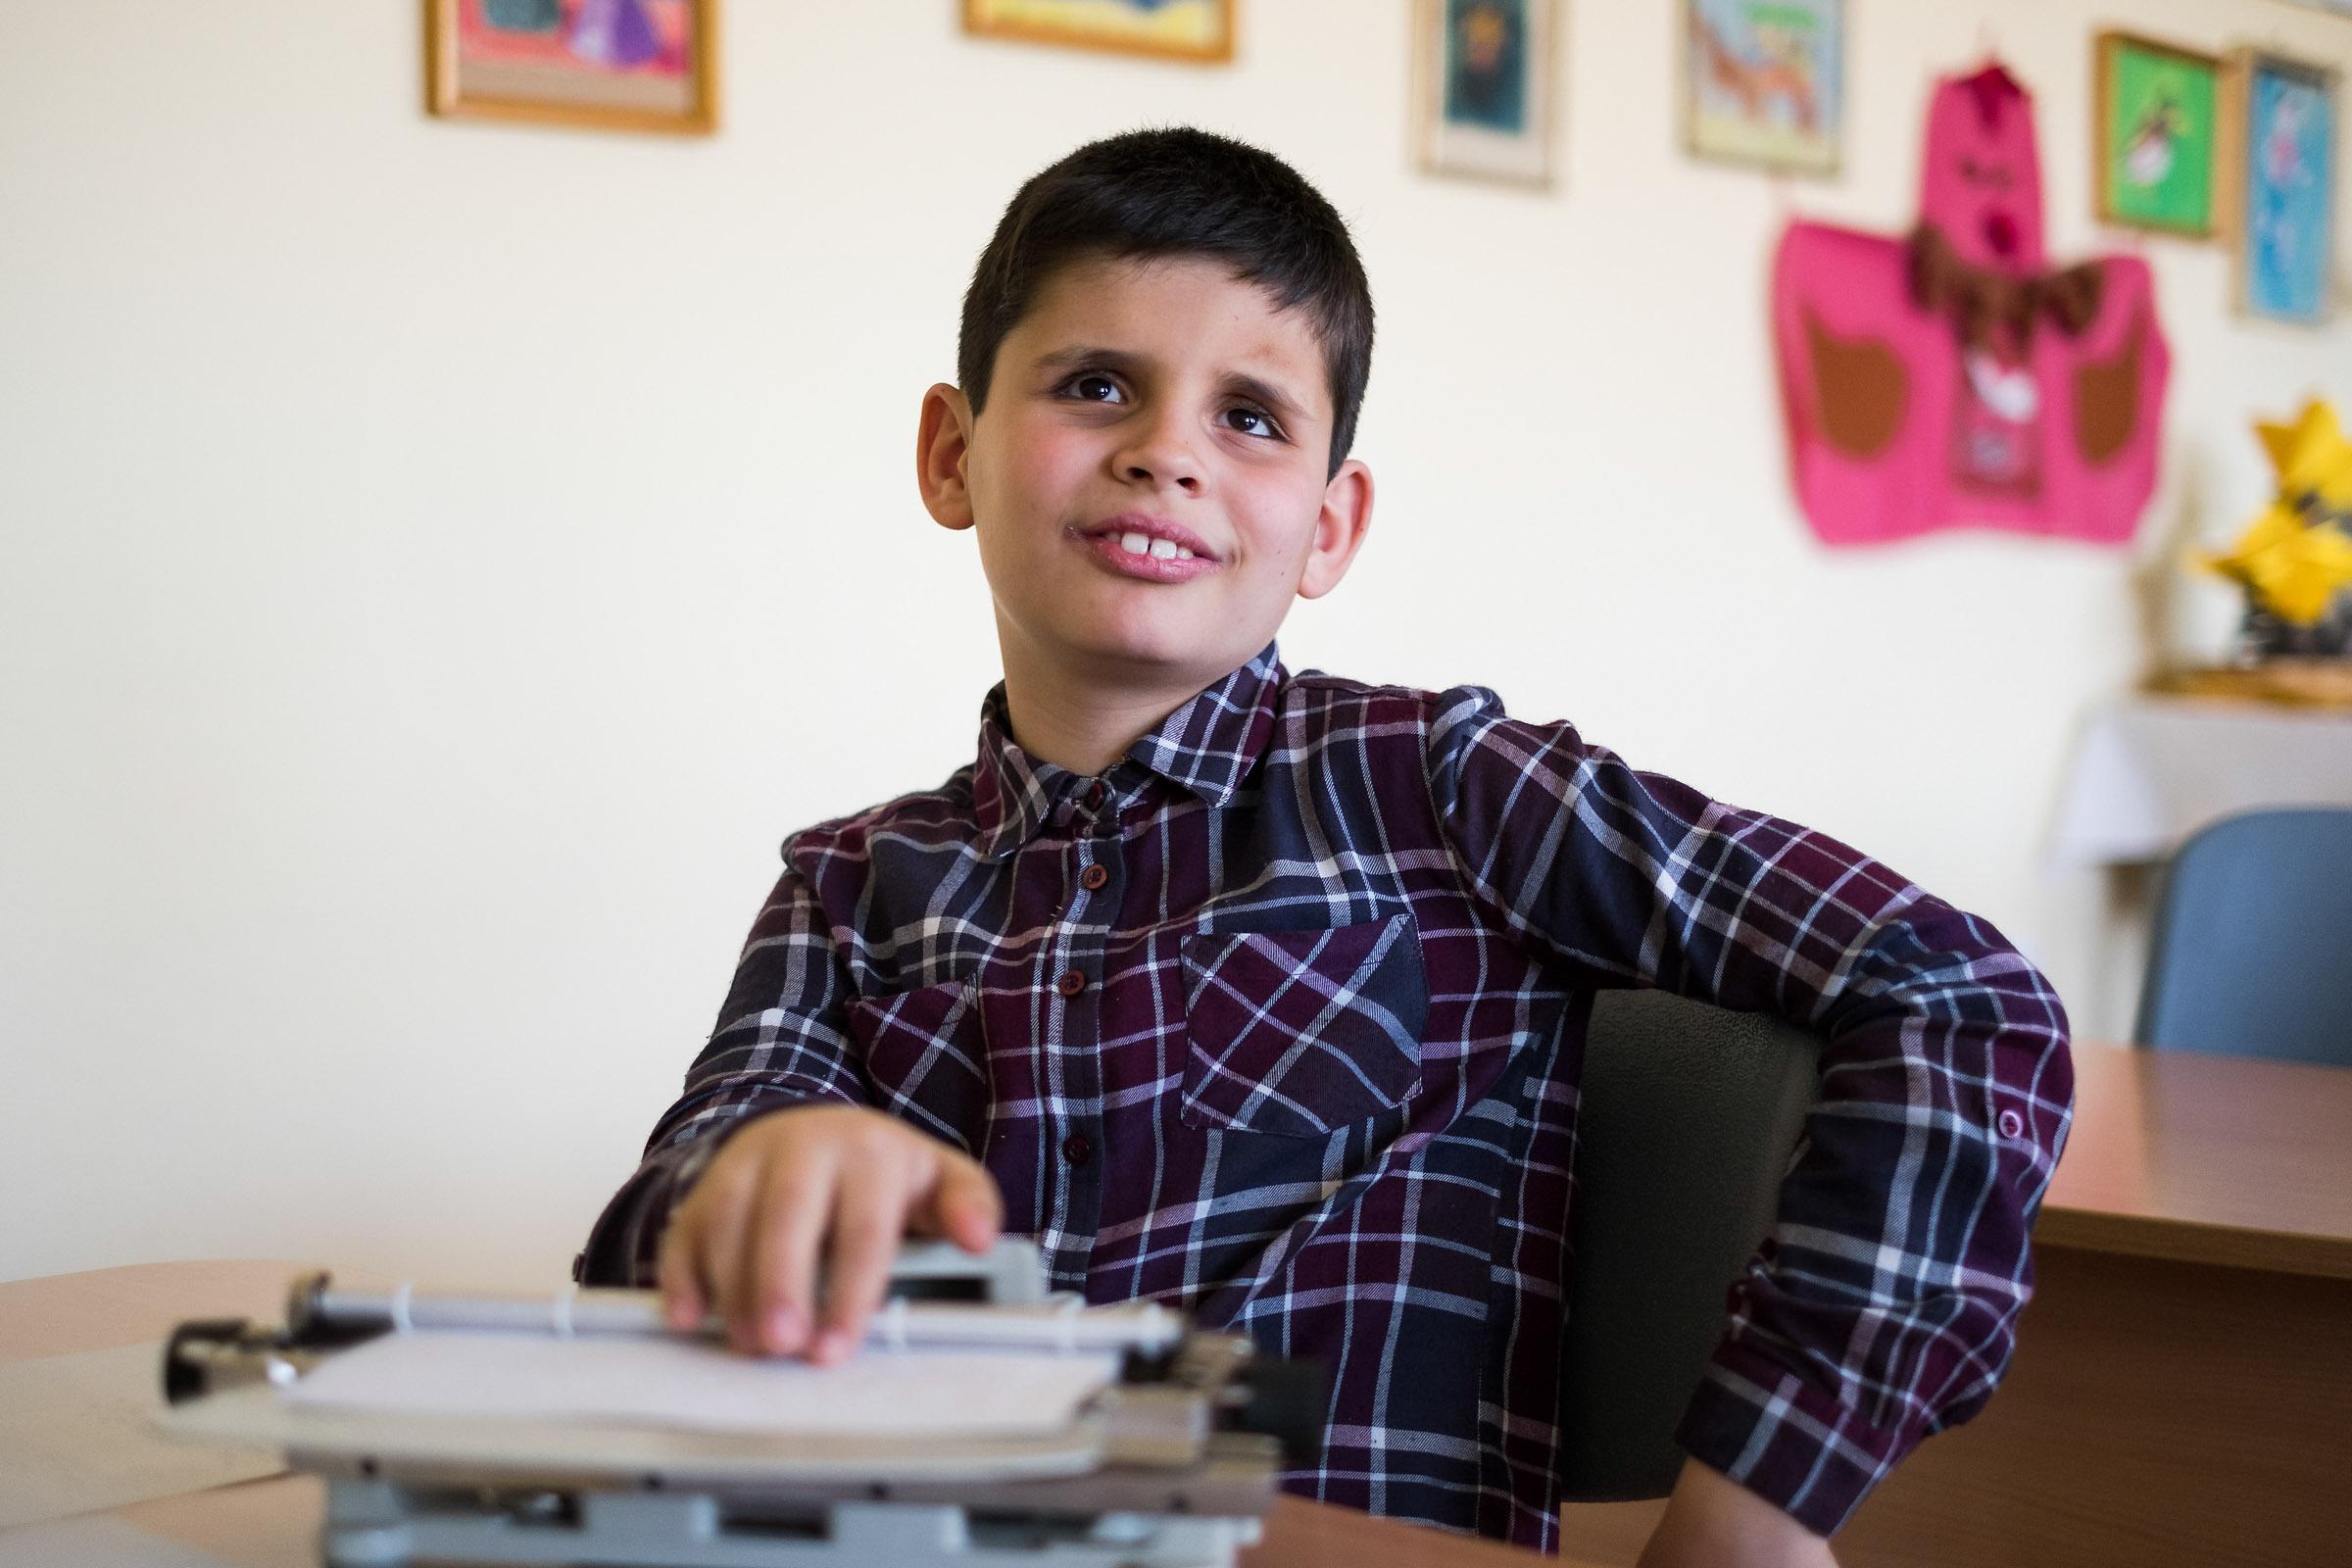 Vak gyerek egy integrált osztályban egy kis faluban